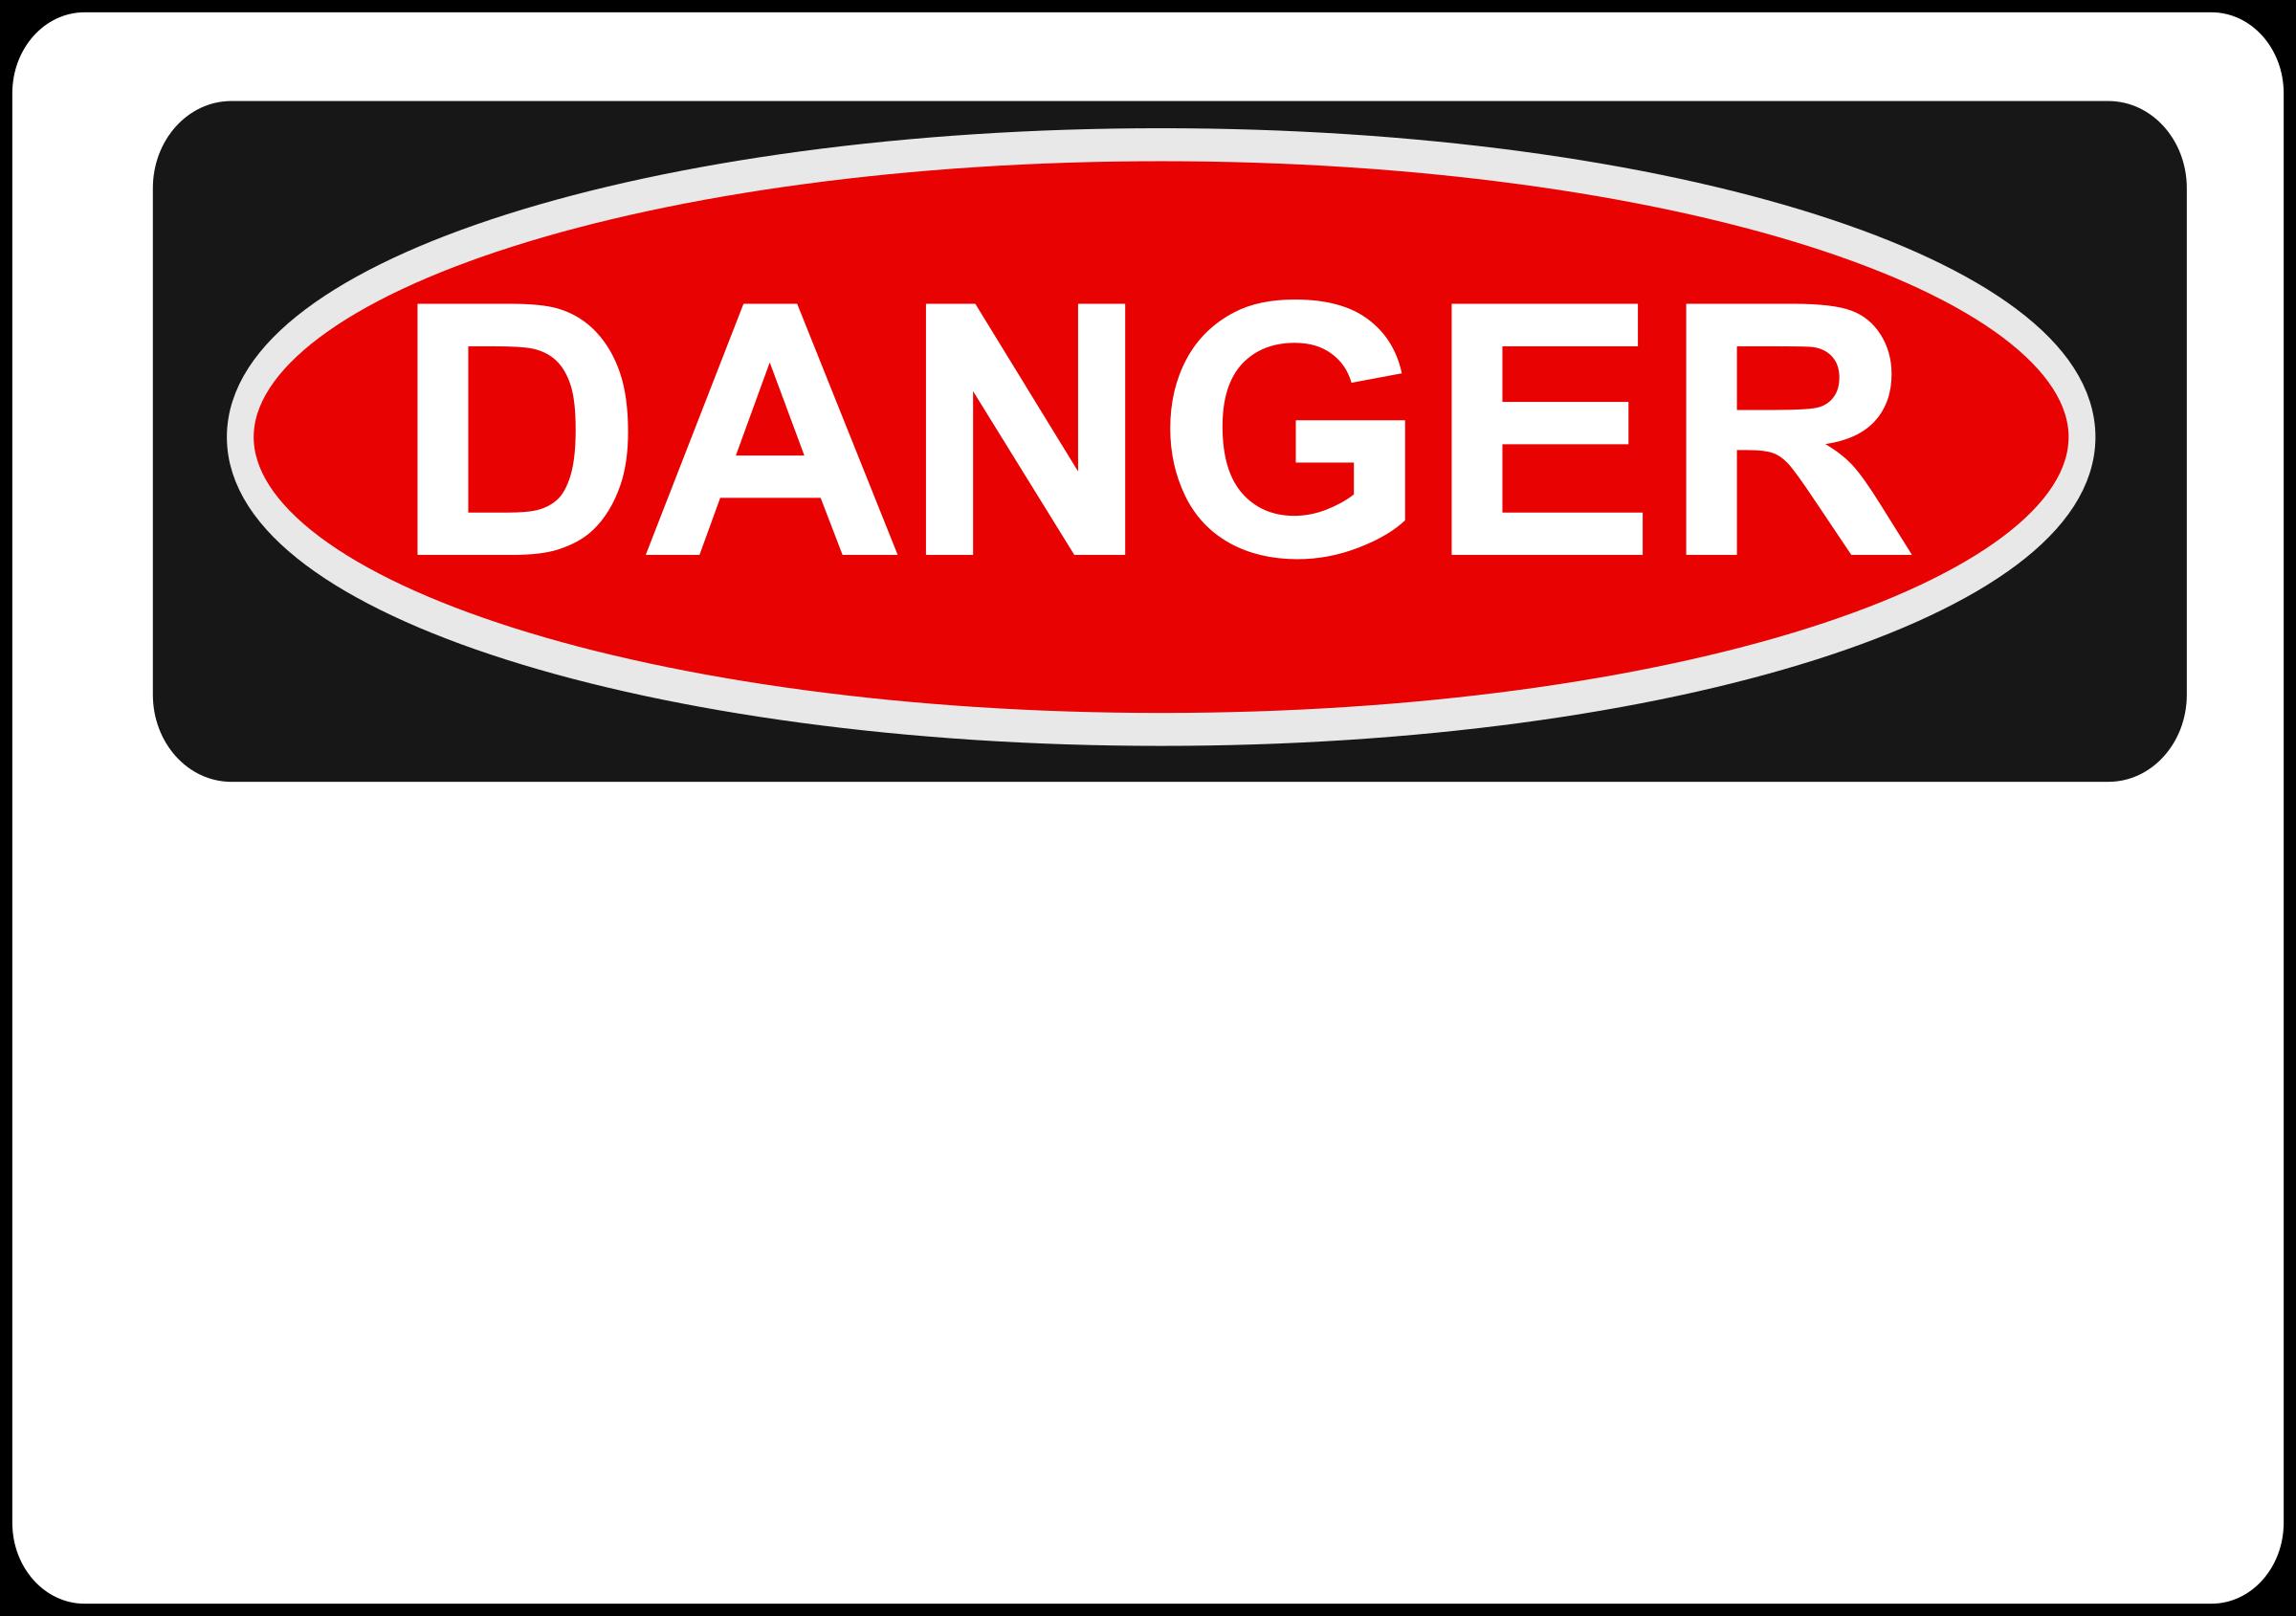 svg transparent library Blank big image png. Danger clipart.